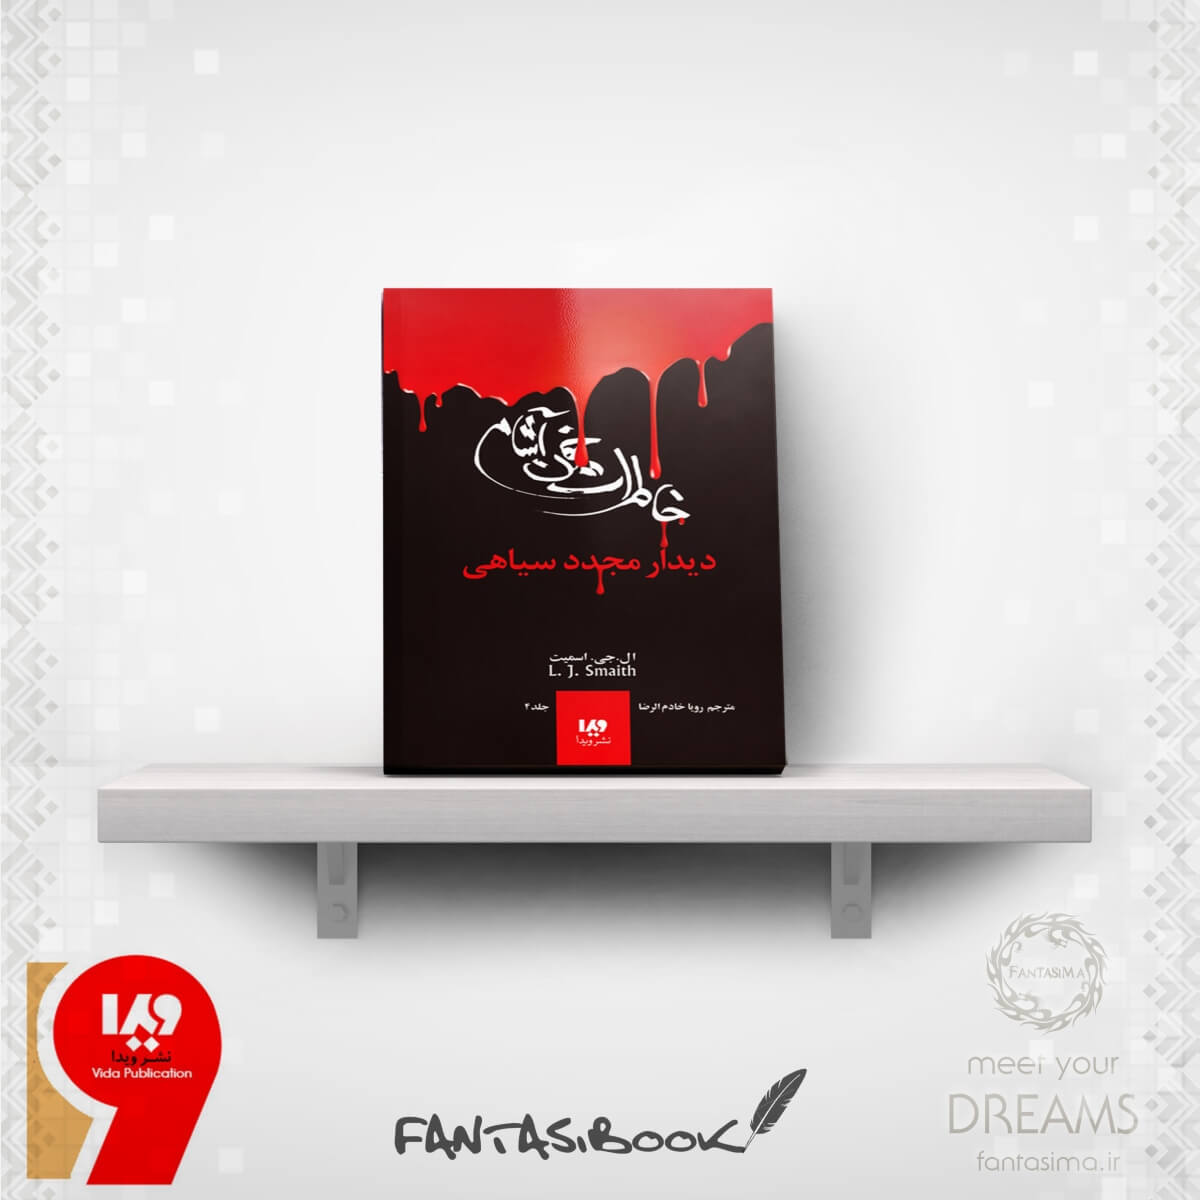 کتاب خاطرات خون آشام - جلد 4 - دیدار مجدد سیاهی